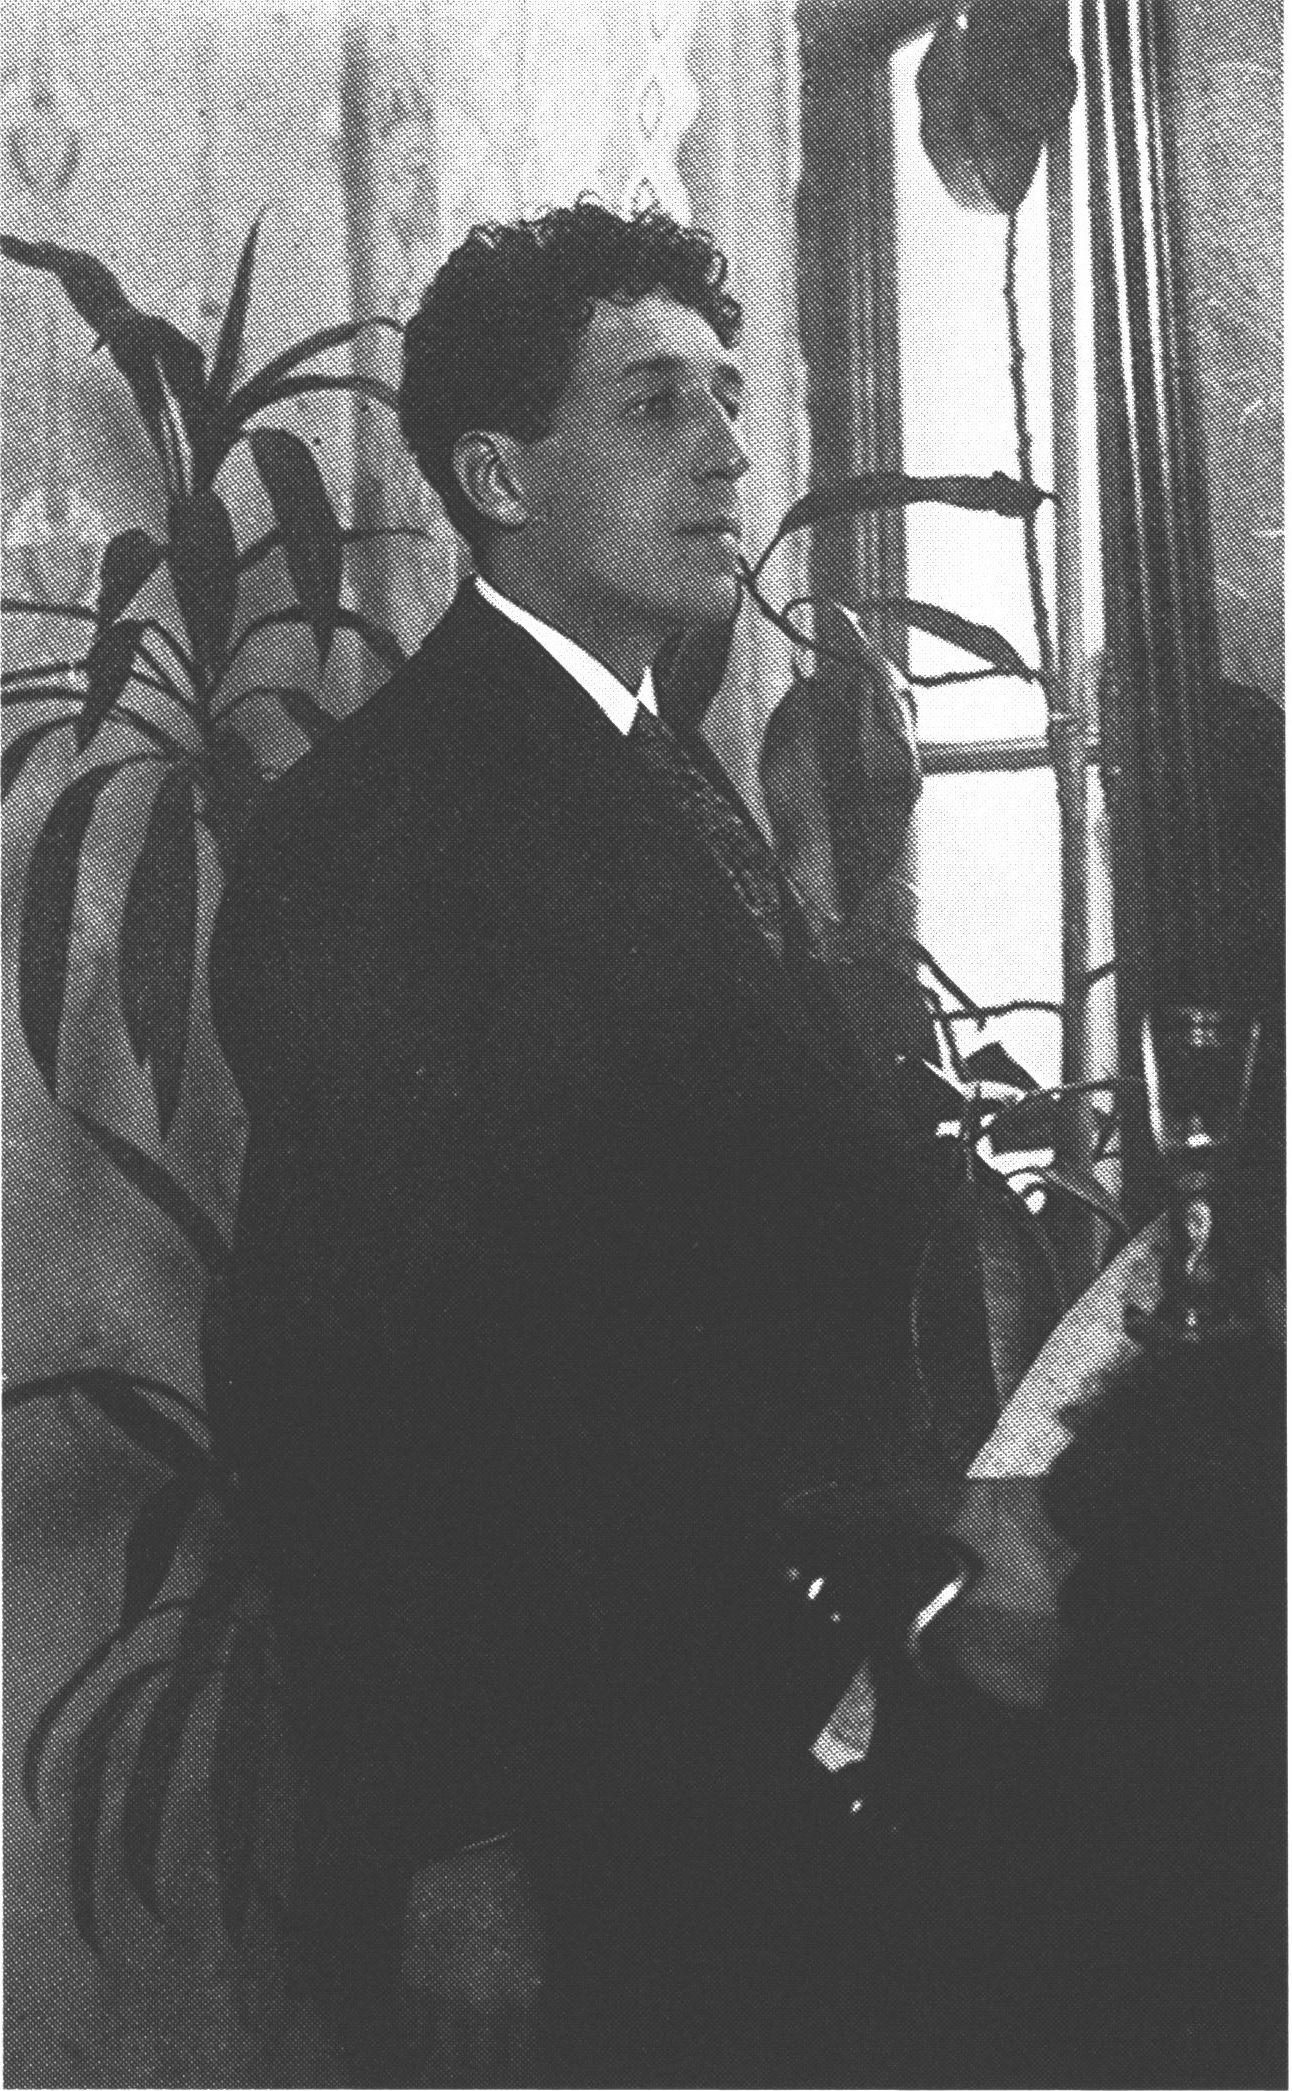 Игорь Северянин, 1915 год. Источник фото: www.poet-severyanin.ru